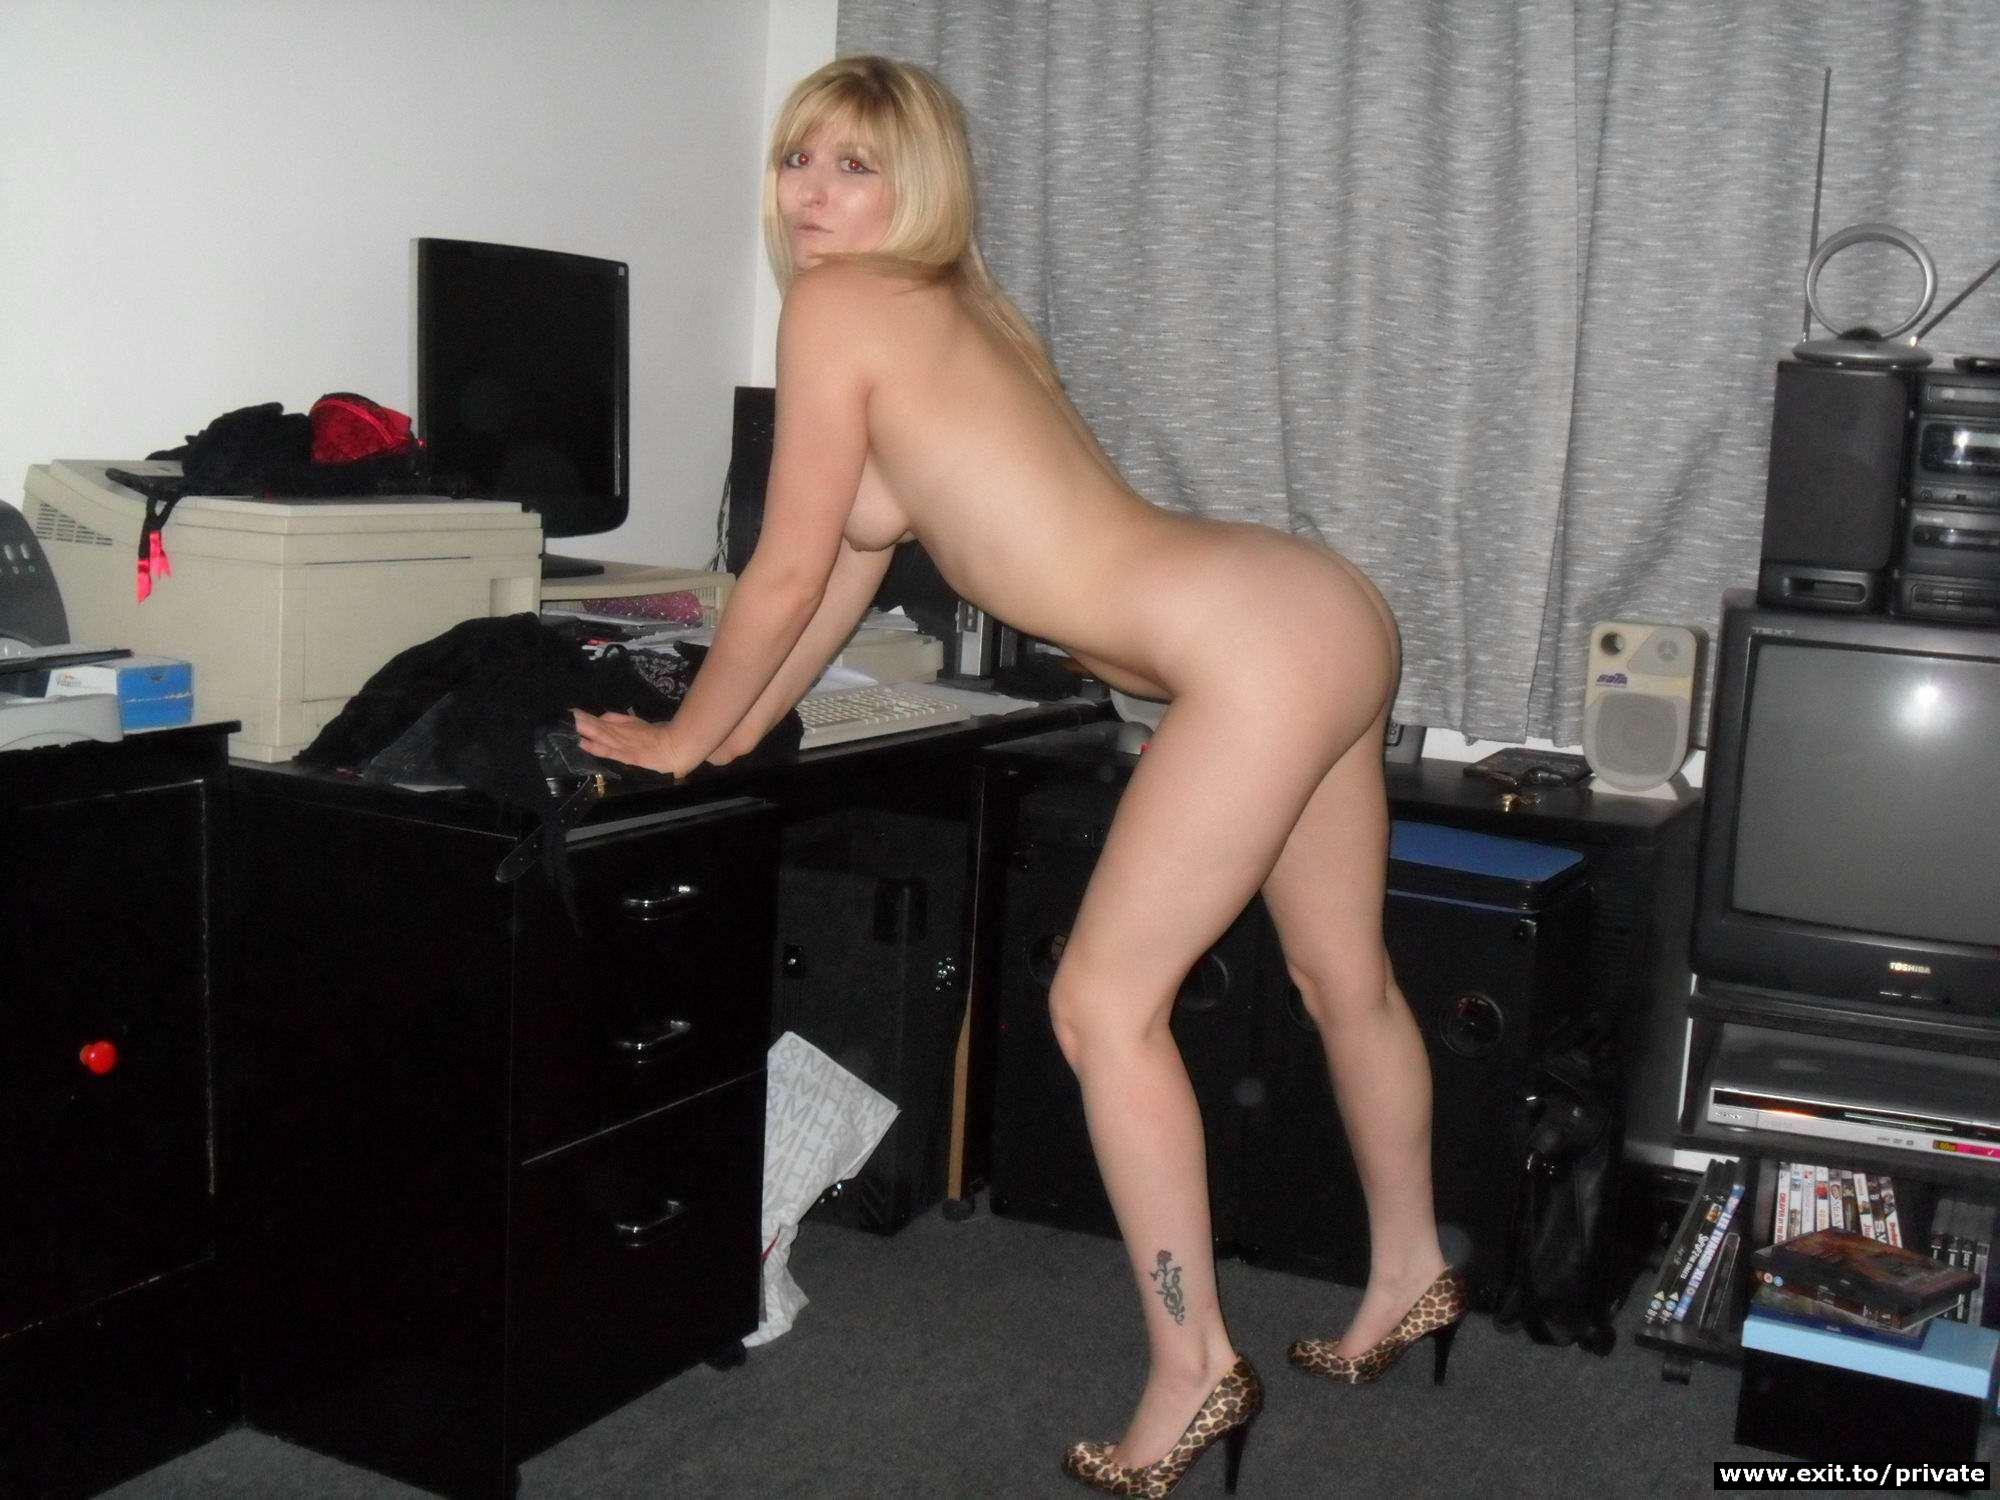 Проститутка ебется на лестничной площадке 8 фотография